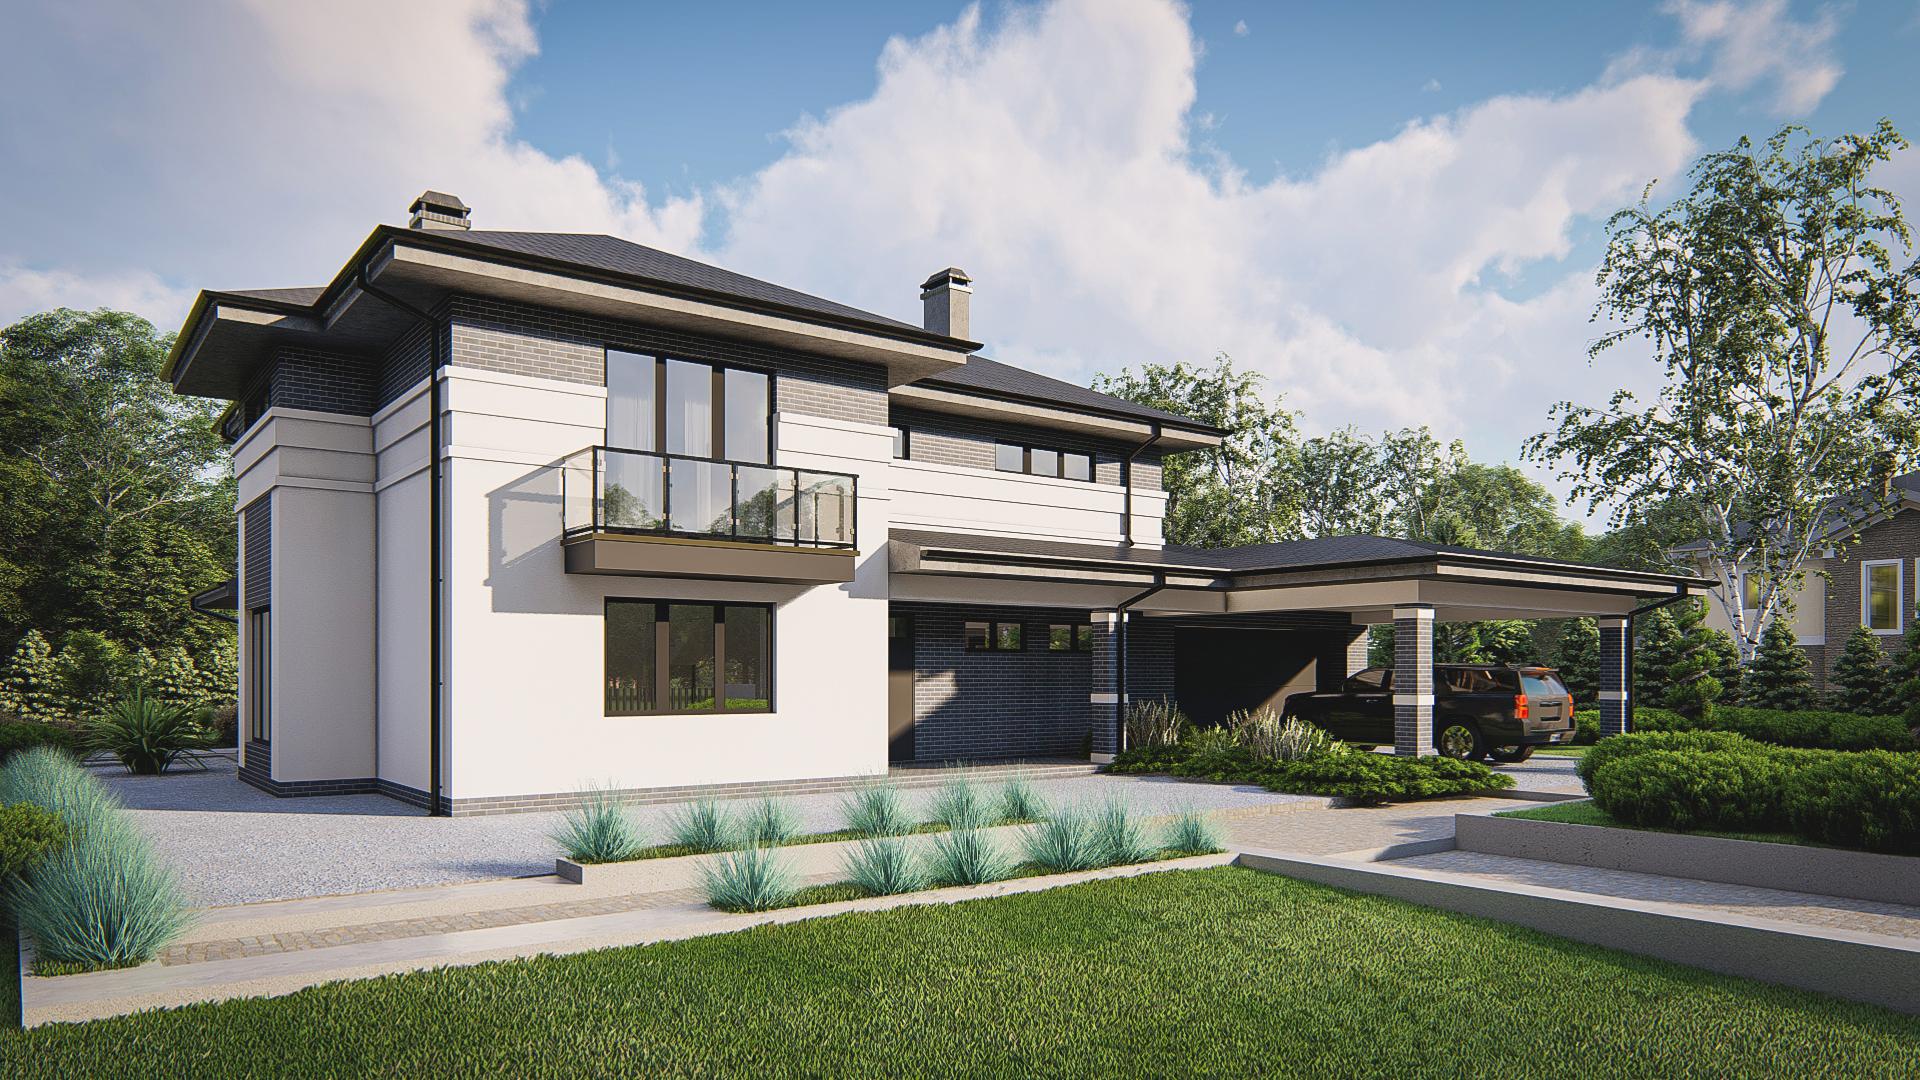 Проект дома Zz13 - 1